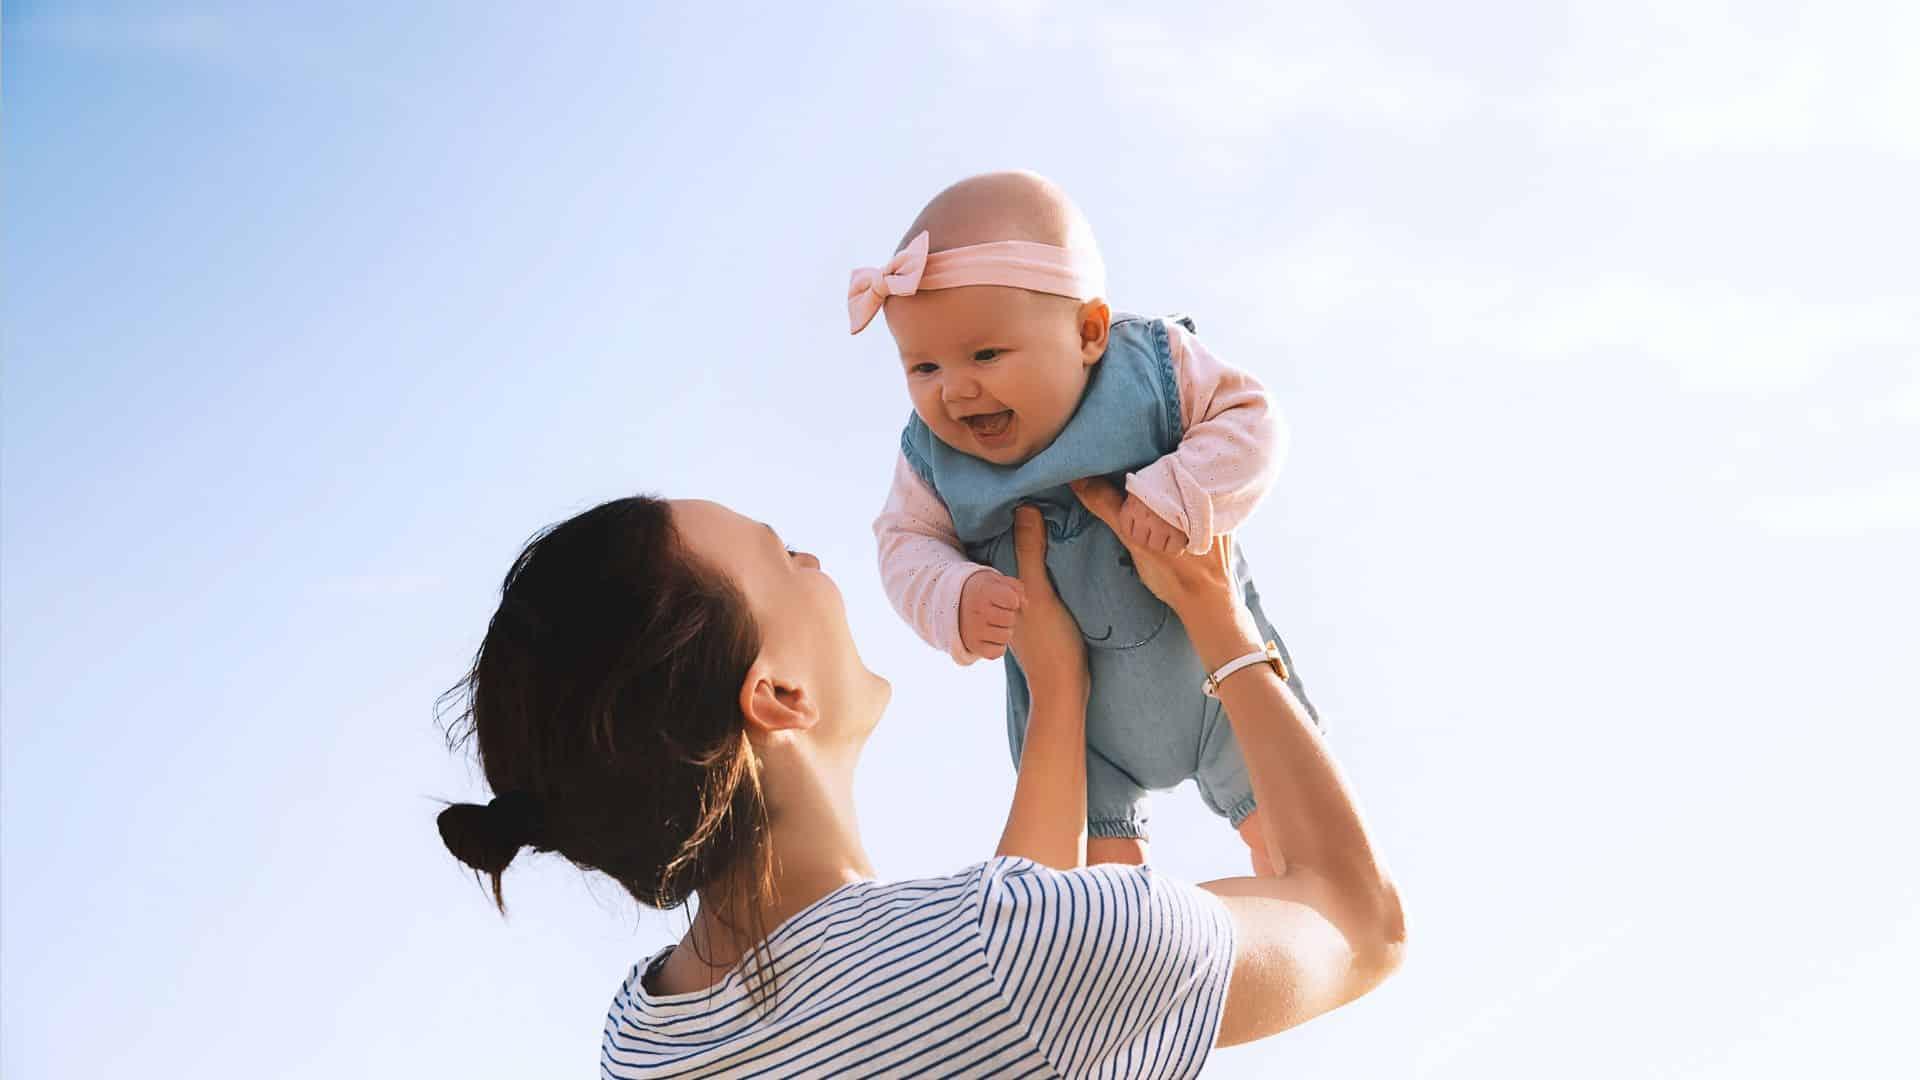 L'expatriation avec un enfant : est-ce une bonne idée ?